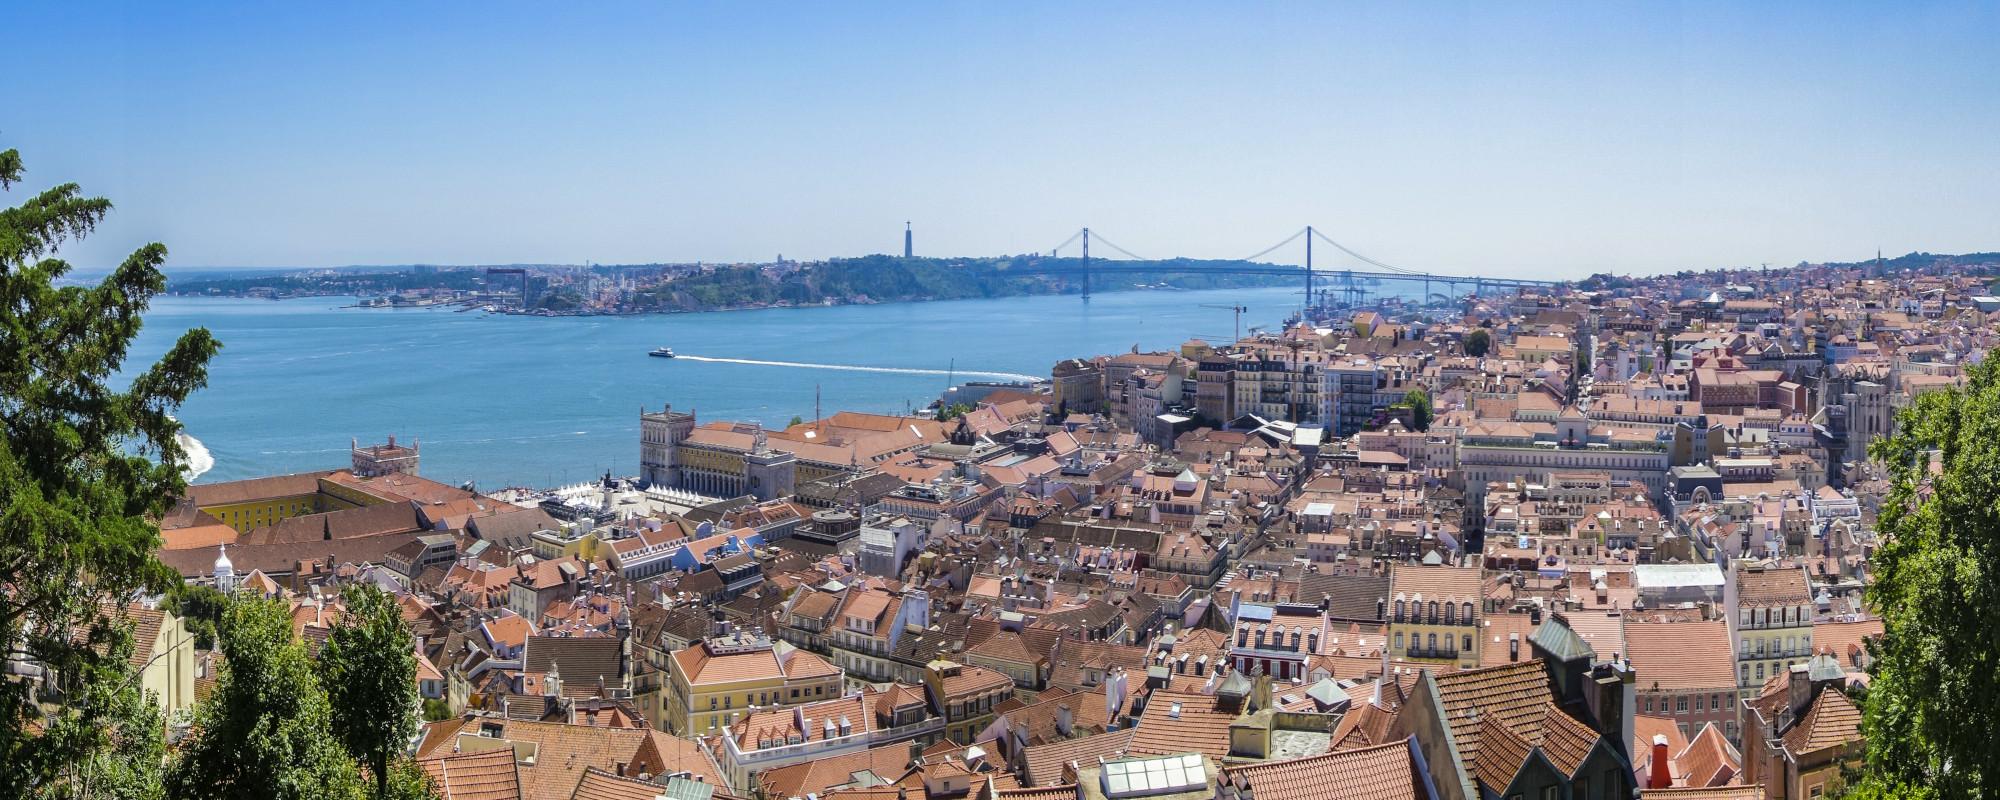 Christus-Statue mit Blick auf Lissabon und Vasco-da-Gama-Brücke